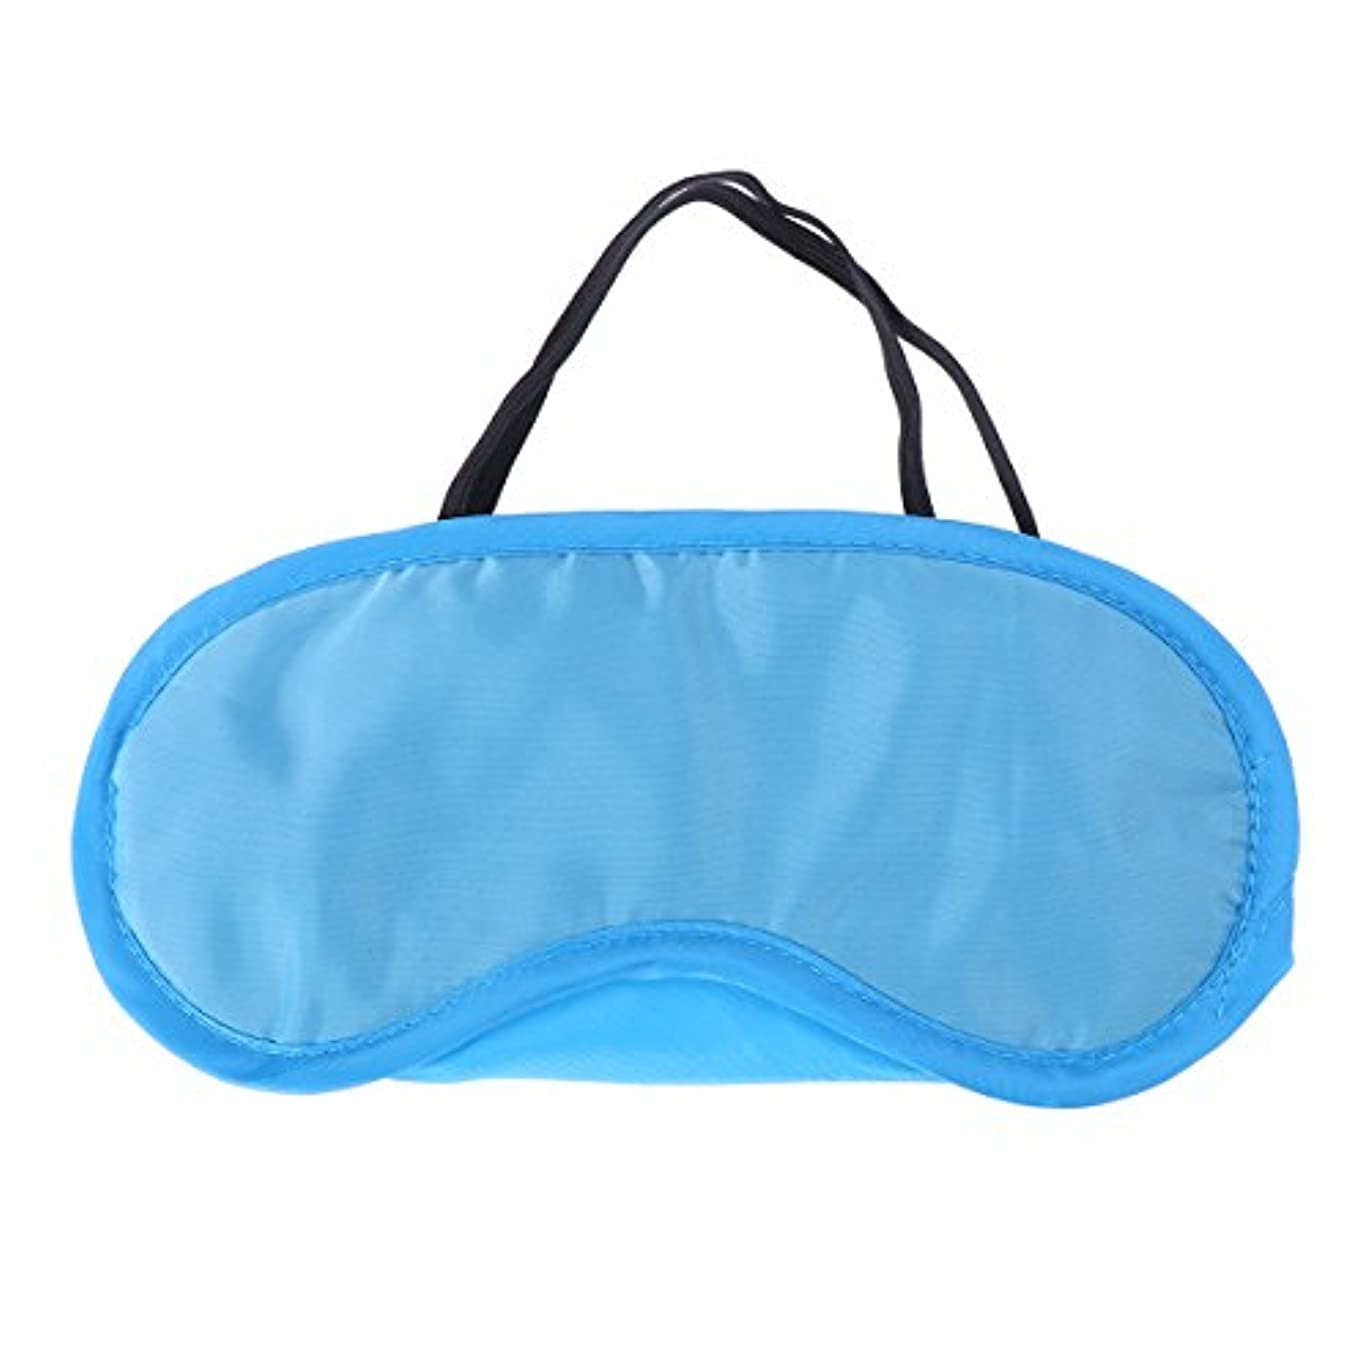 マニアックインド交換可能HEALIFTY 軽量で快適な睡眠のための調整可能なアイマスク(旅行用スカイブルー)